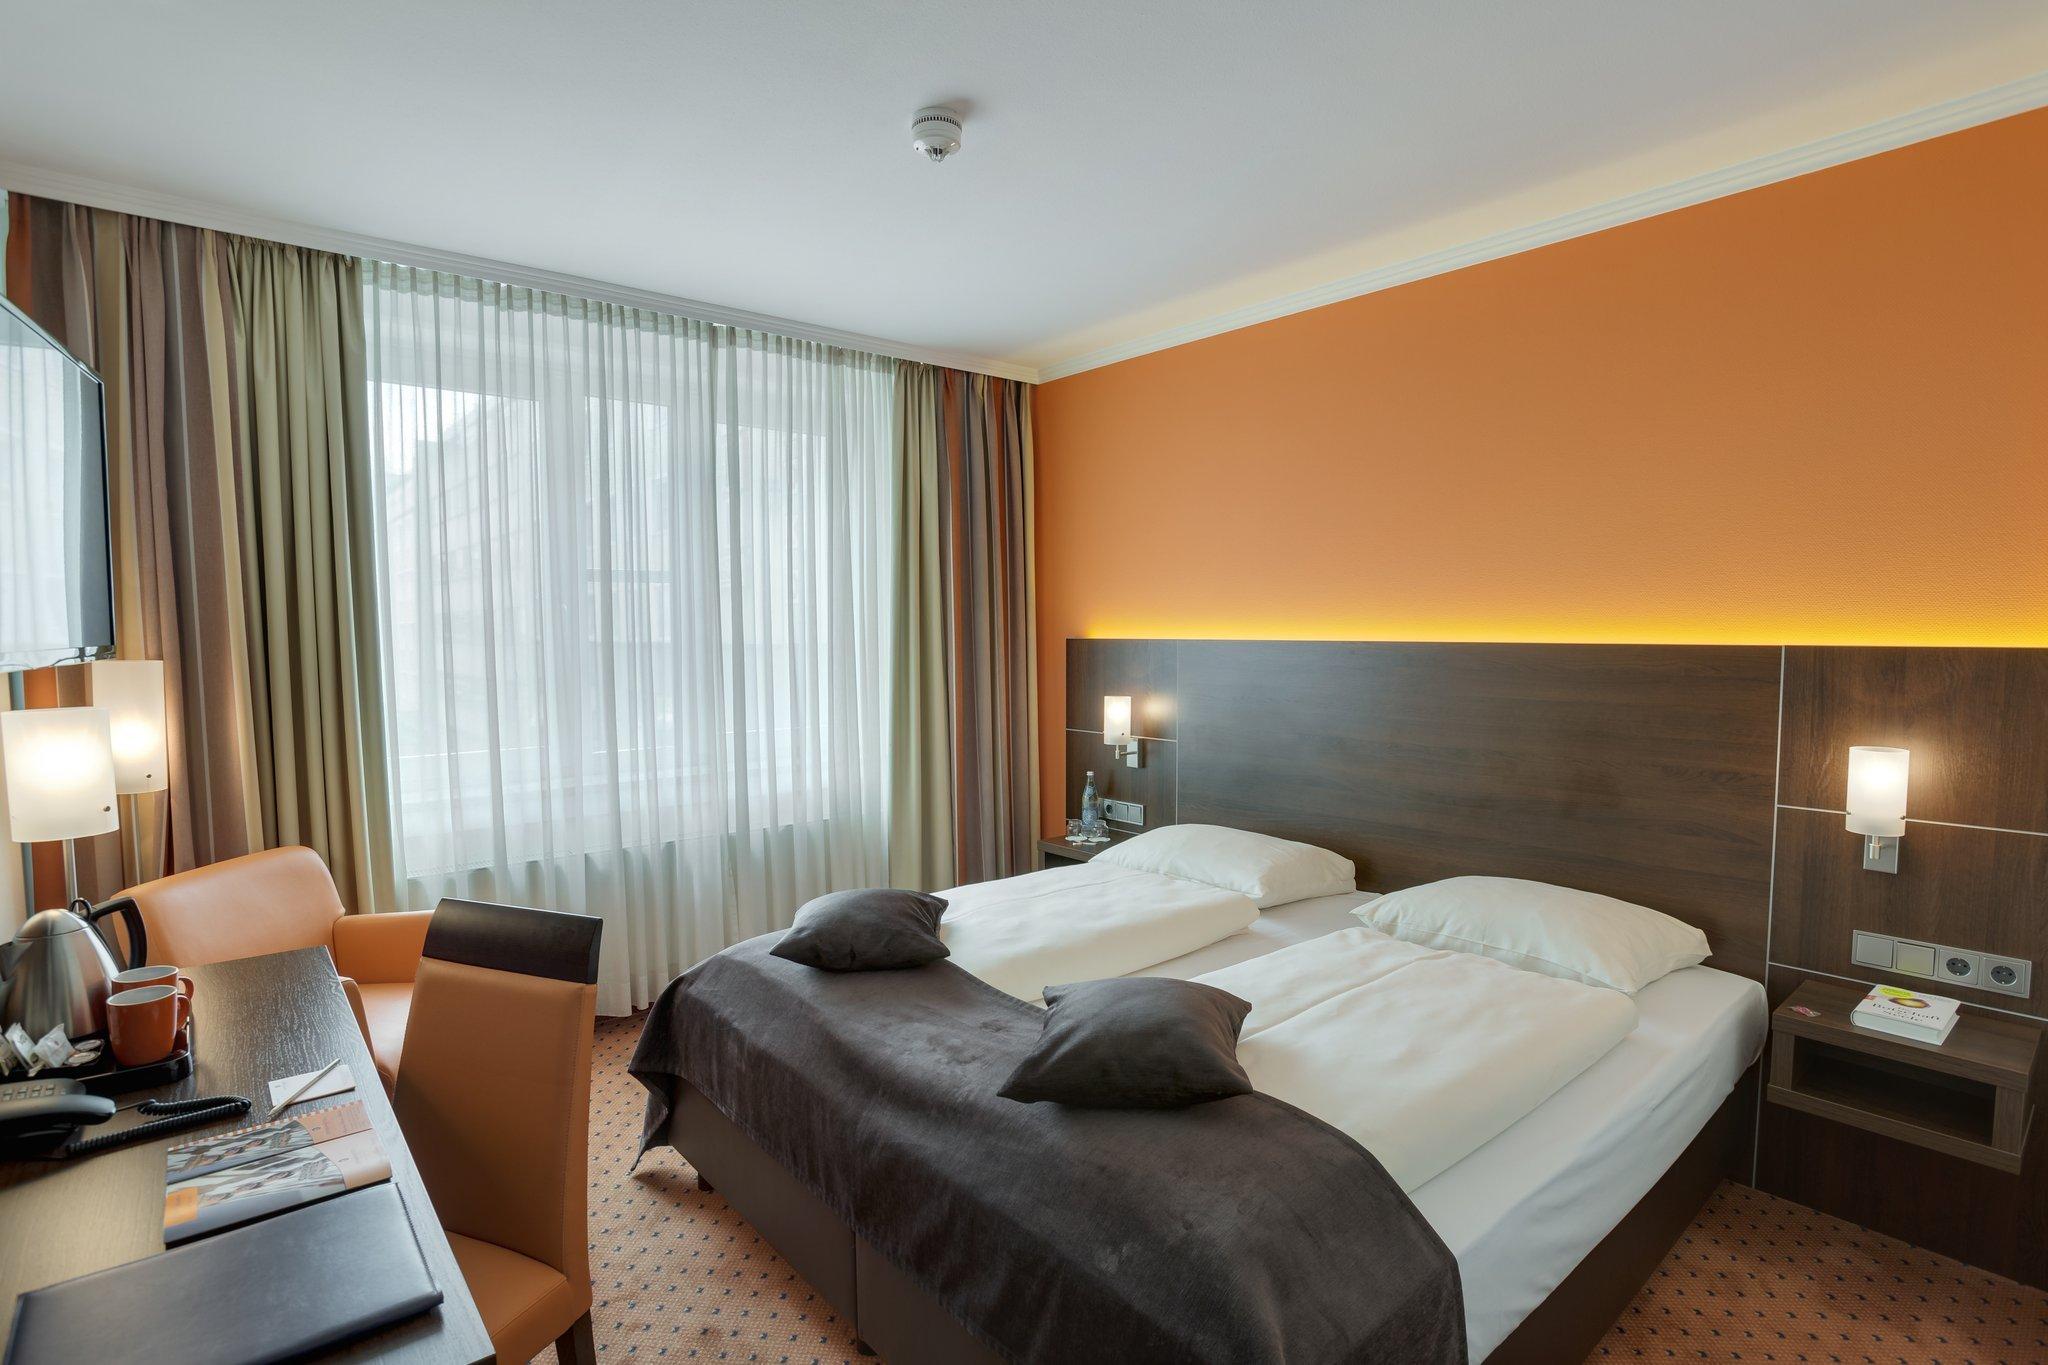 Conrad Hotel de Ville